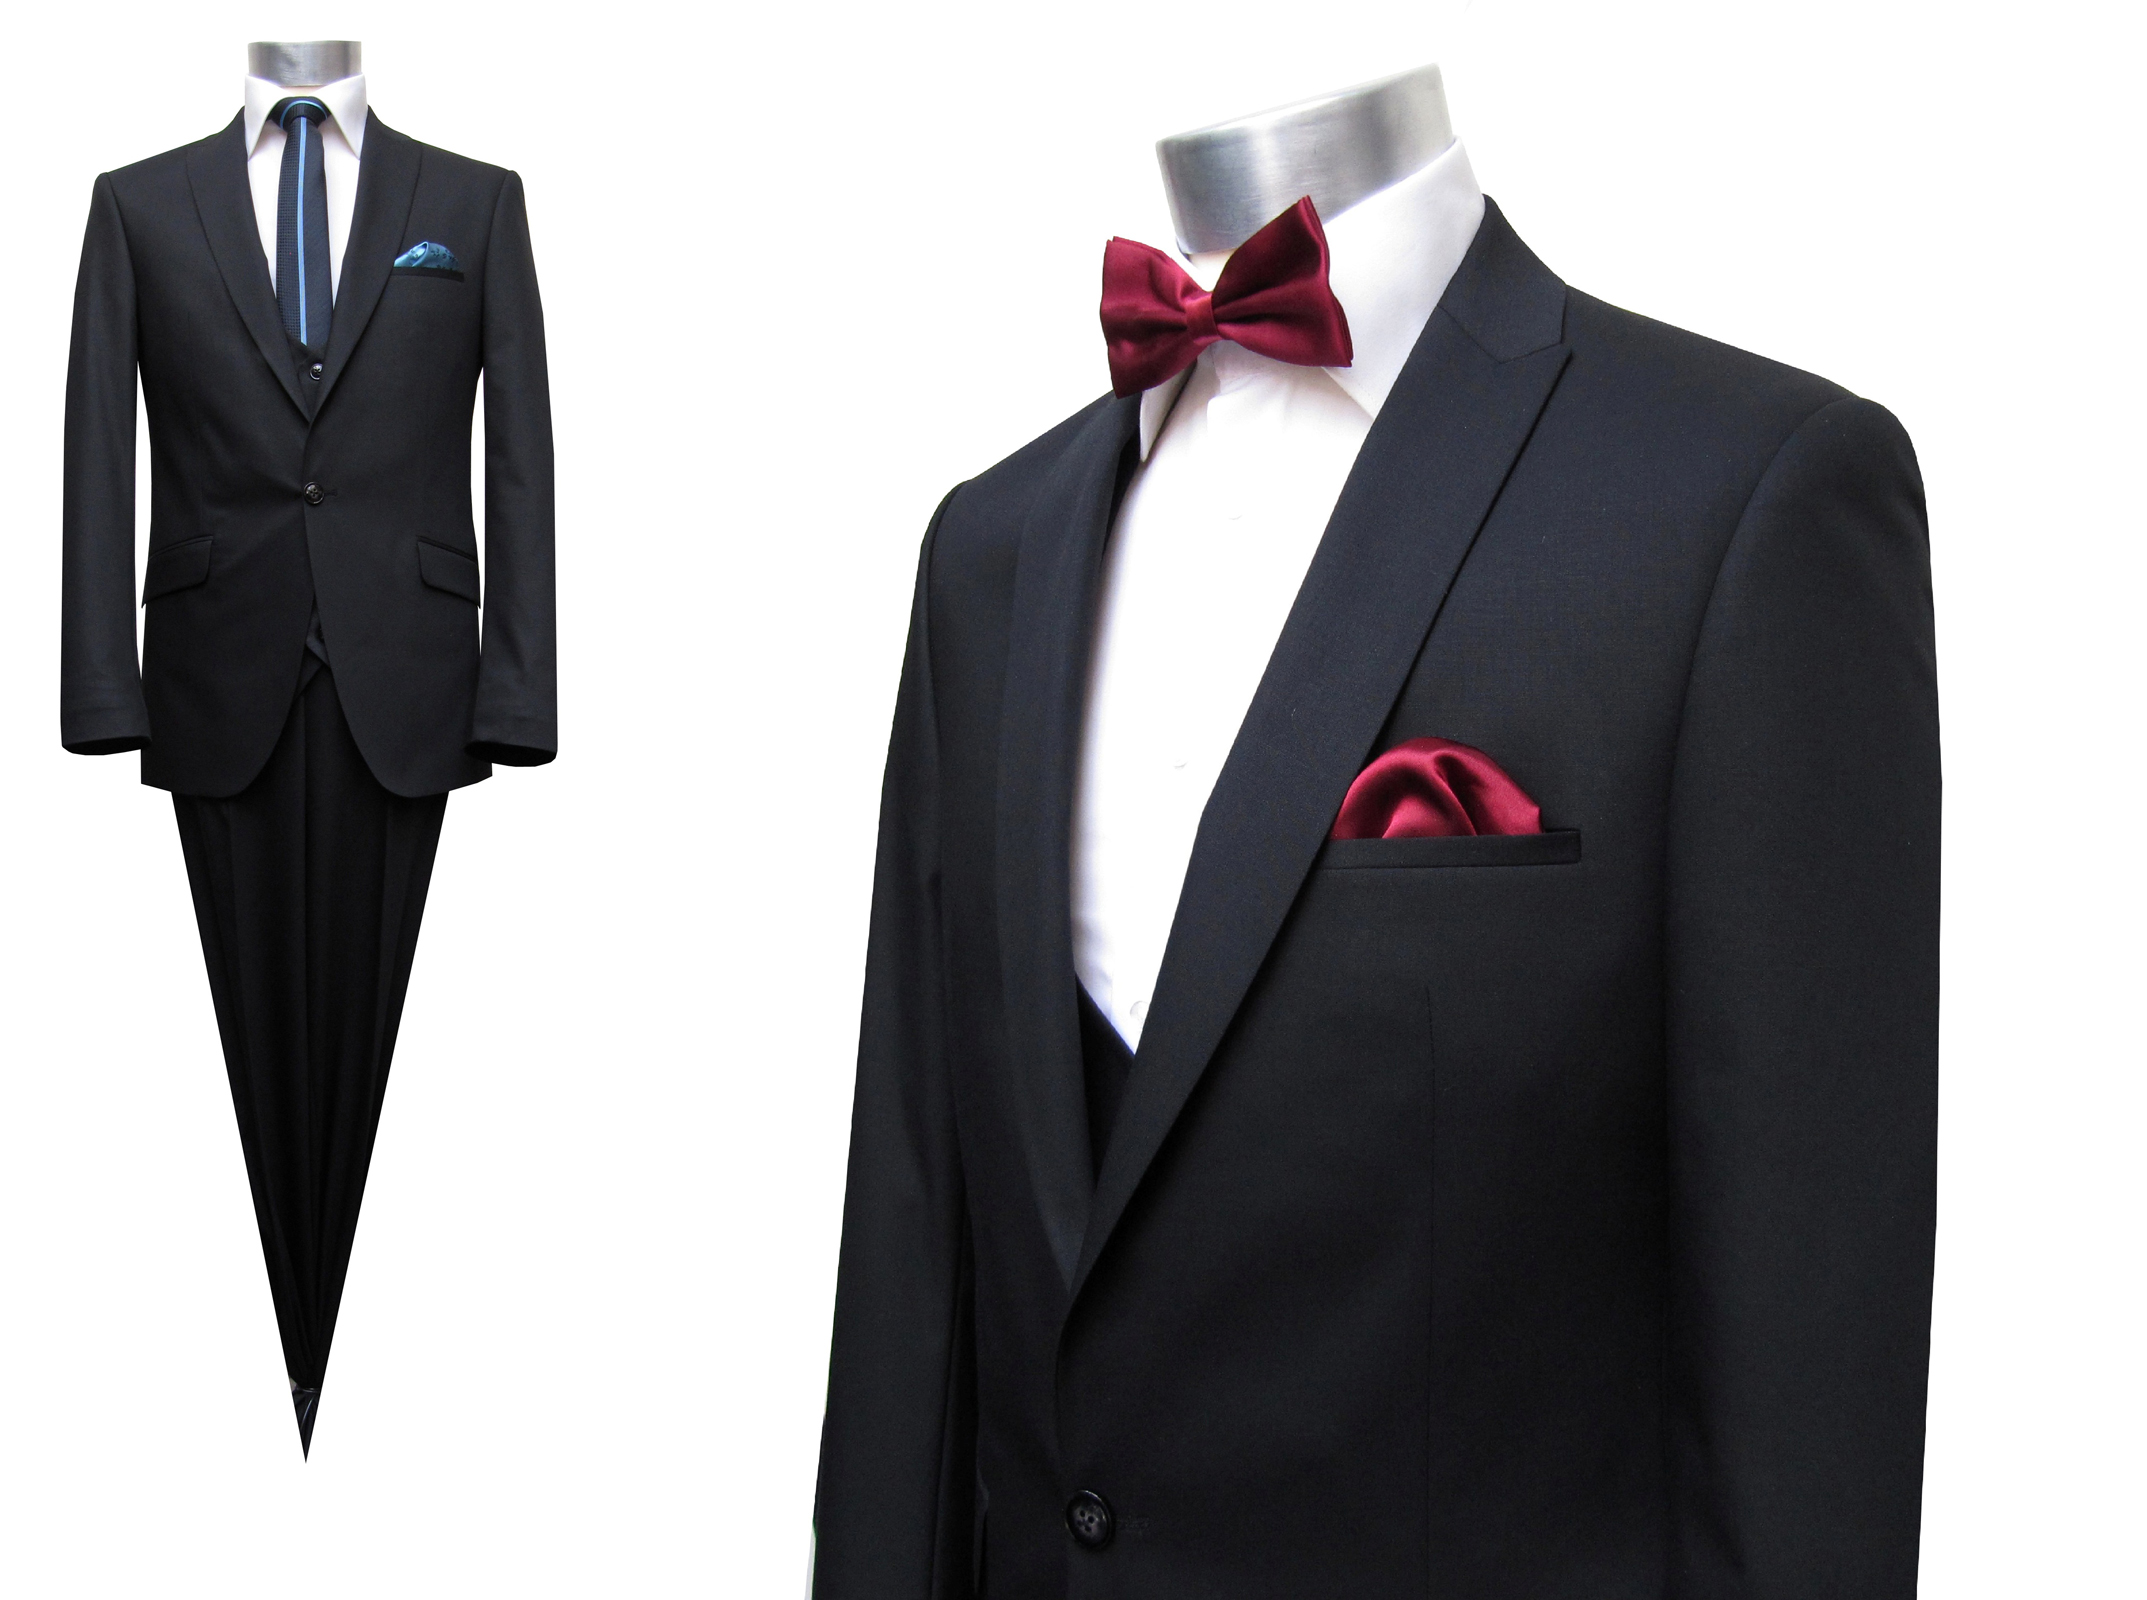 Anzug Uni-Schurwolle - Muga Herrenausstatter Hochzeit Mode